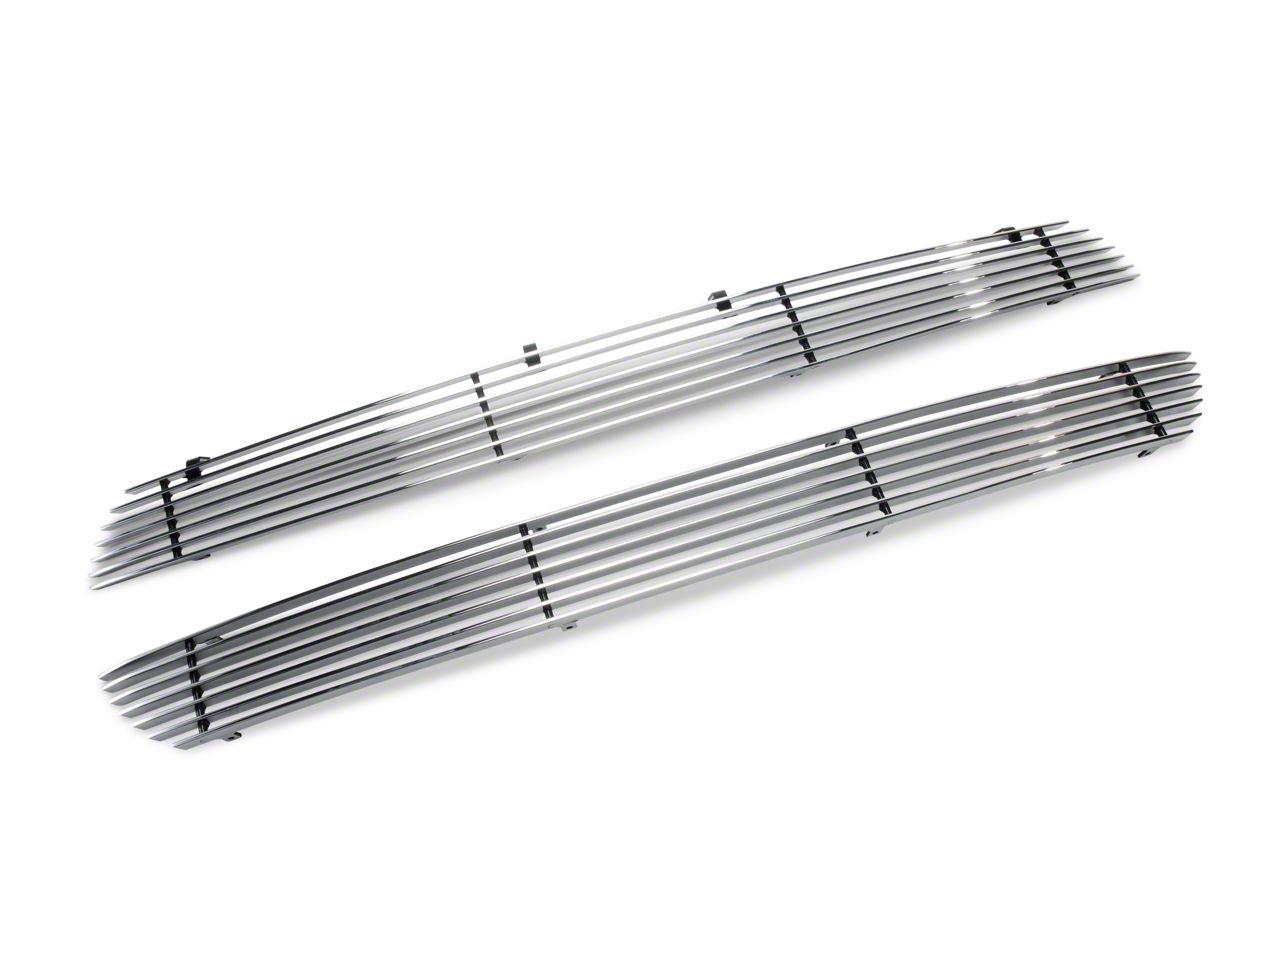 T-REX Billet Series Upper Grille Insert - Polished (18-19 F-150 Lariat, XLT)